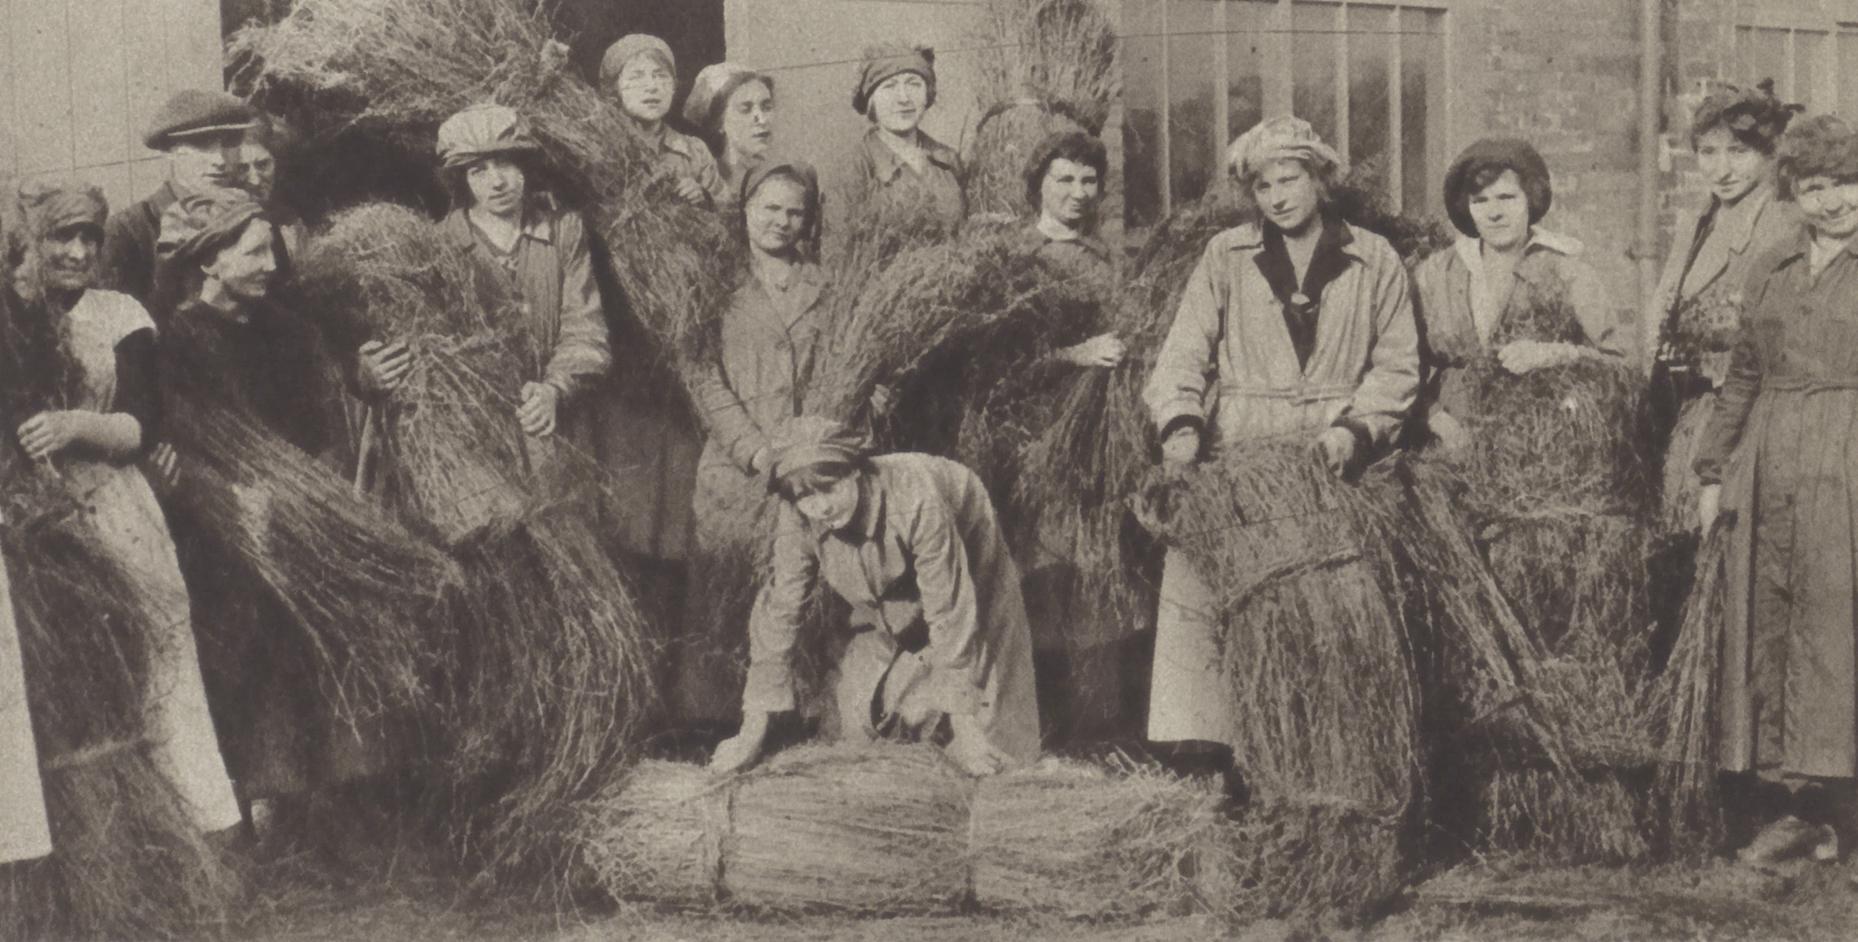 La culture du lin est devenue une industrie de guerre - La Guerre Illustré (1/6/1918), p. 25